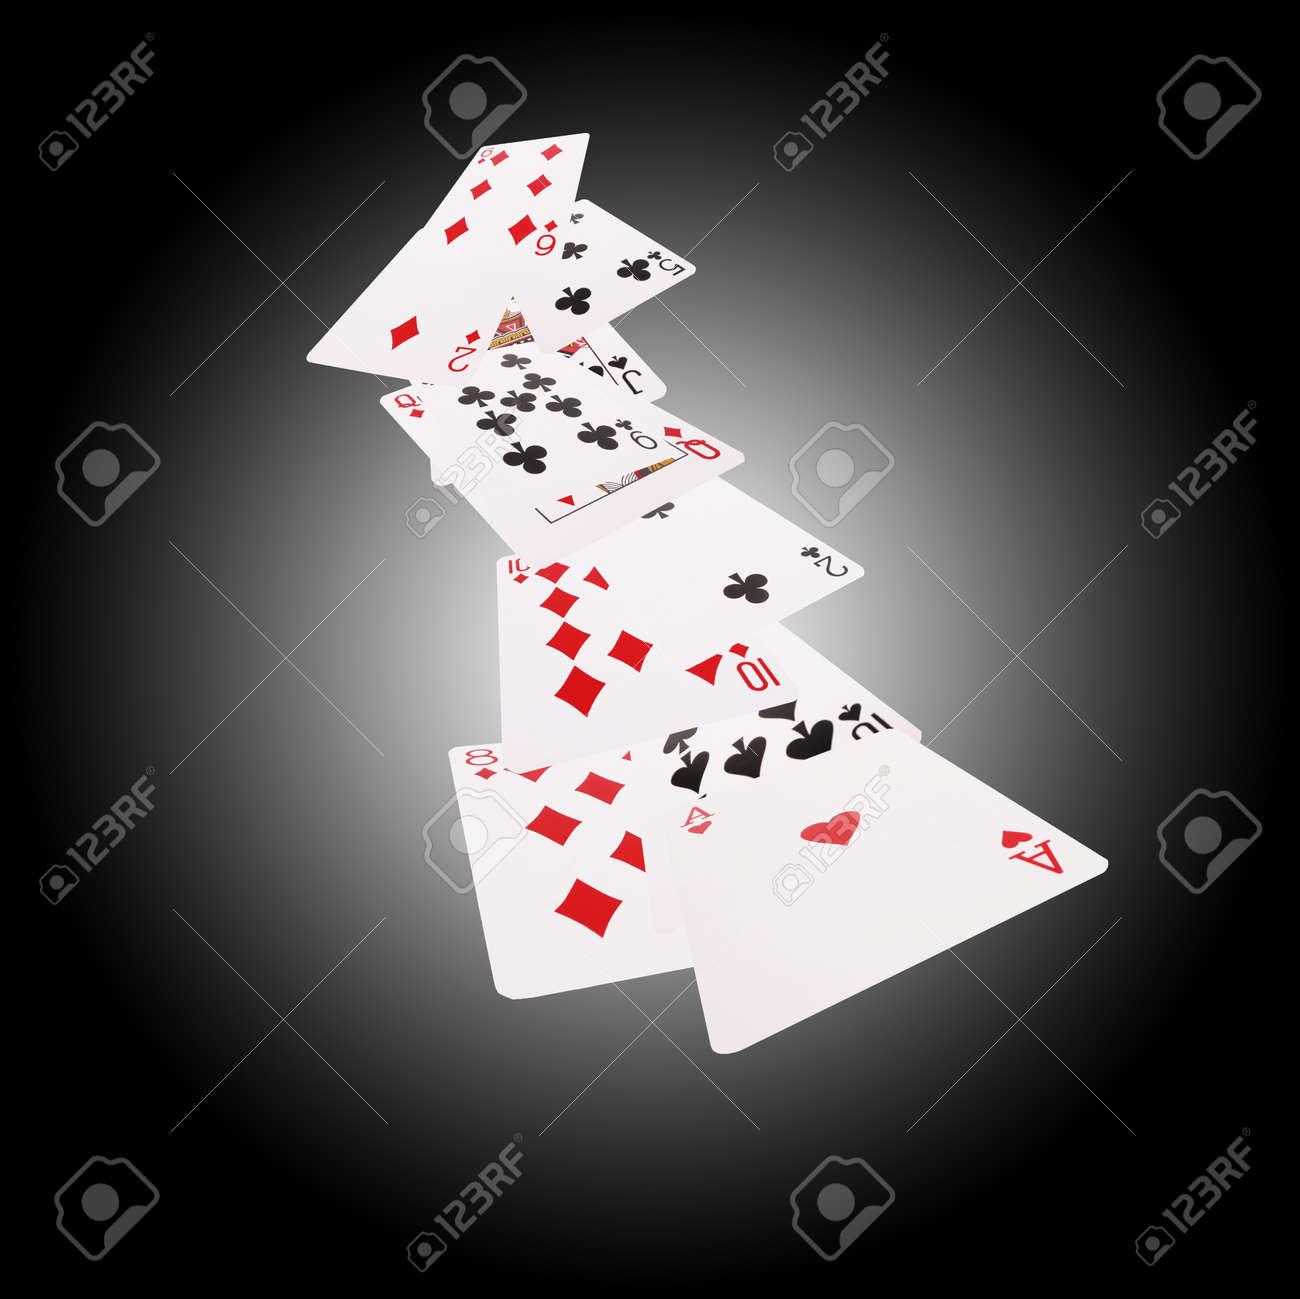 Jeu De Cartes à Jouer Pour Le Poker Et Le Casino Isolé Sur Fond Blanc Noir